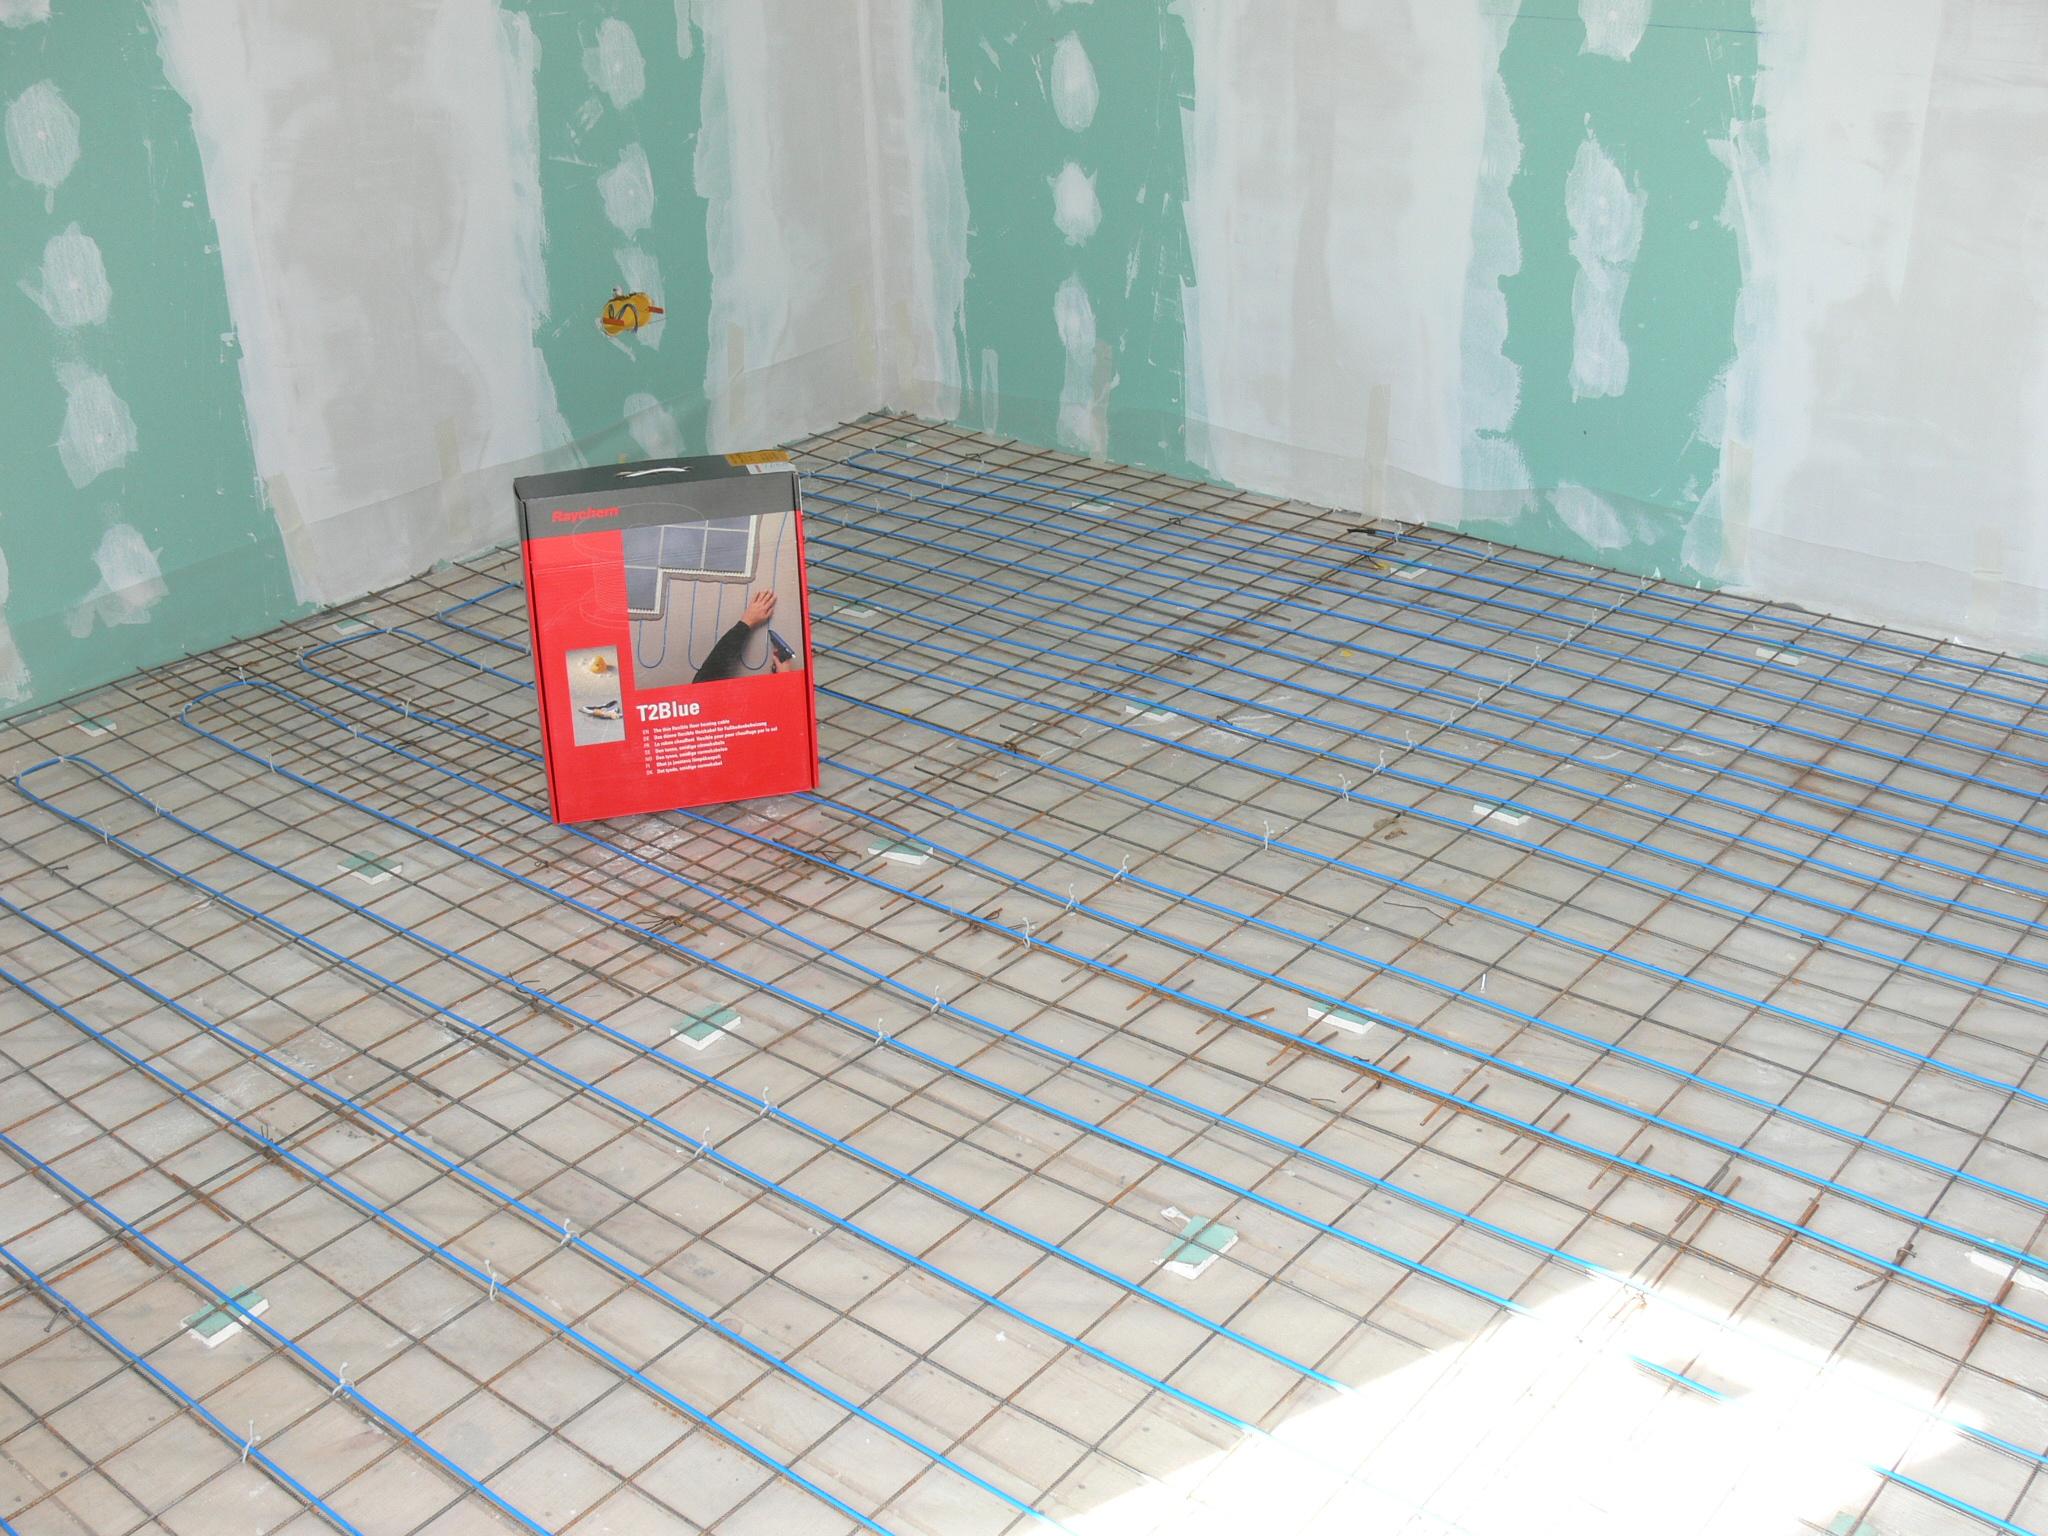 Sistem de incalzire electrica prin pardoseala RAYCHEM - Poza 95